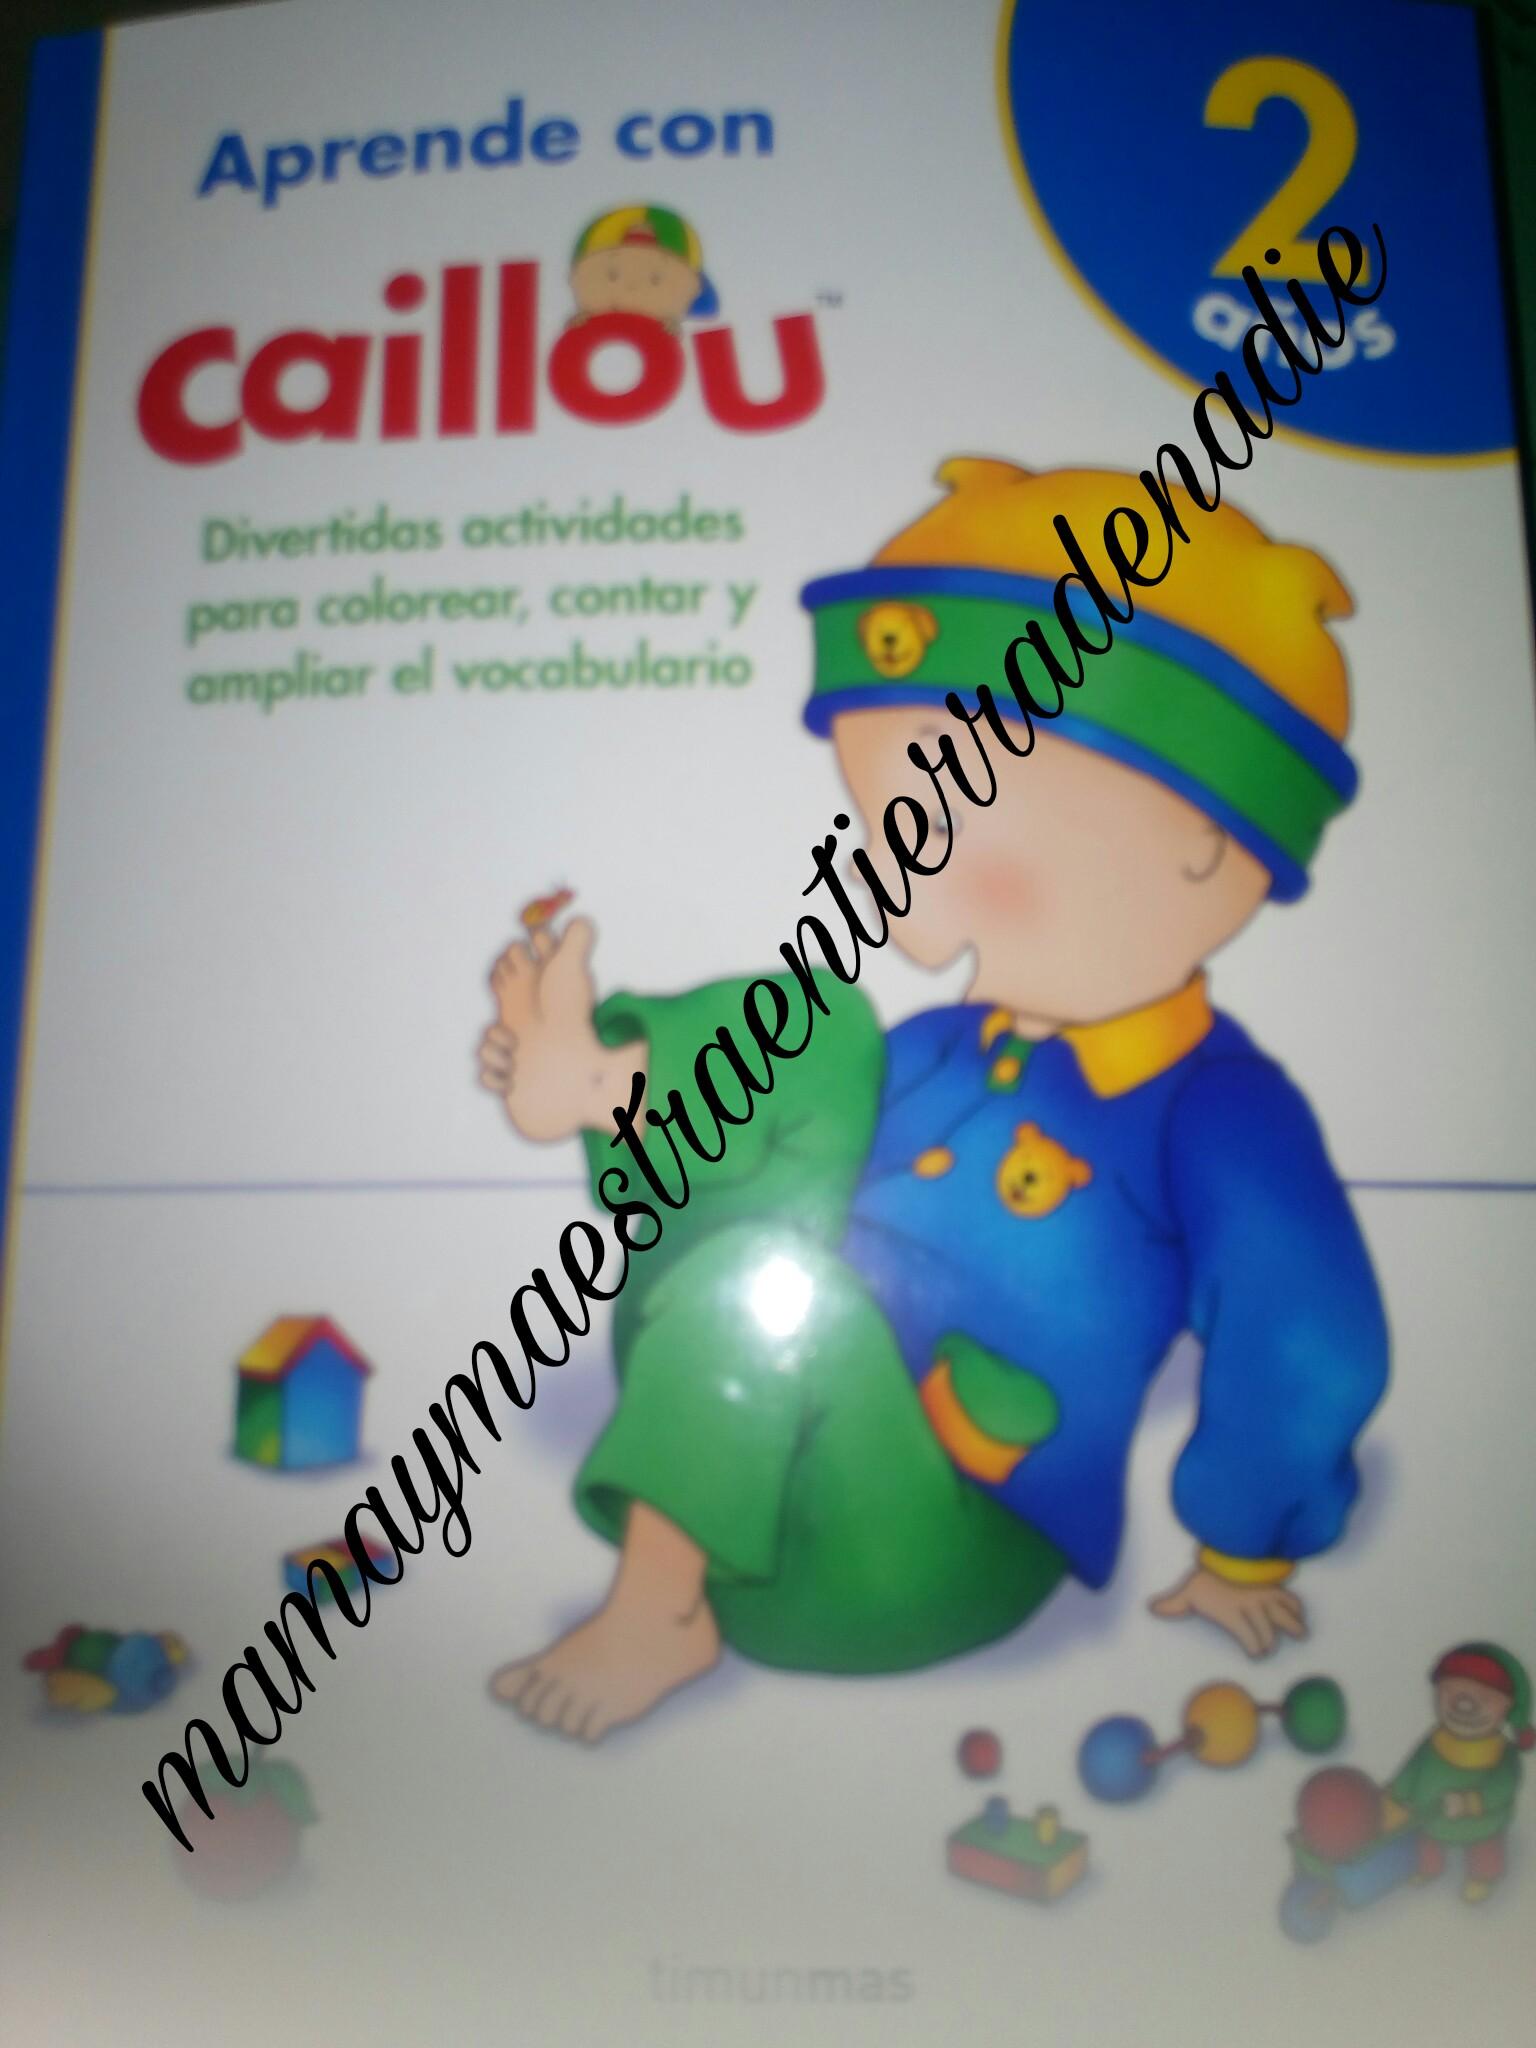 Aprende con Caillou gracias a Boolino – Mamaymaestraentierradenadie